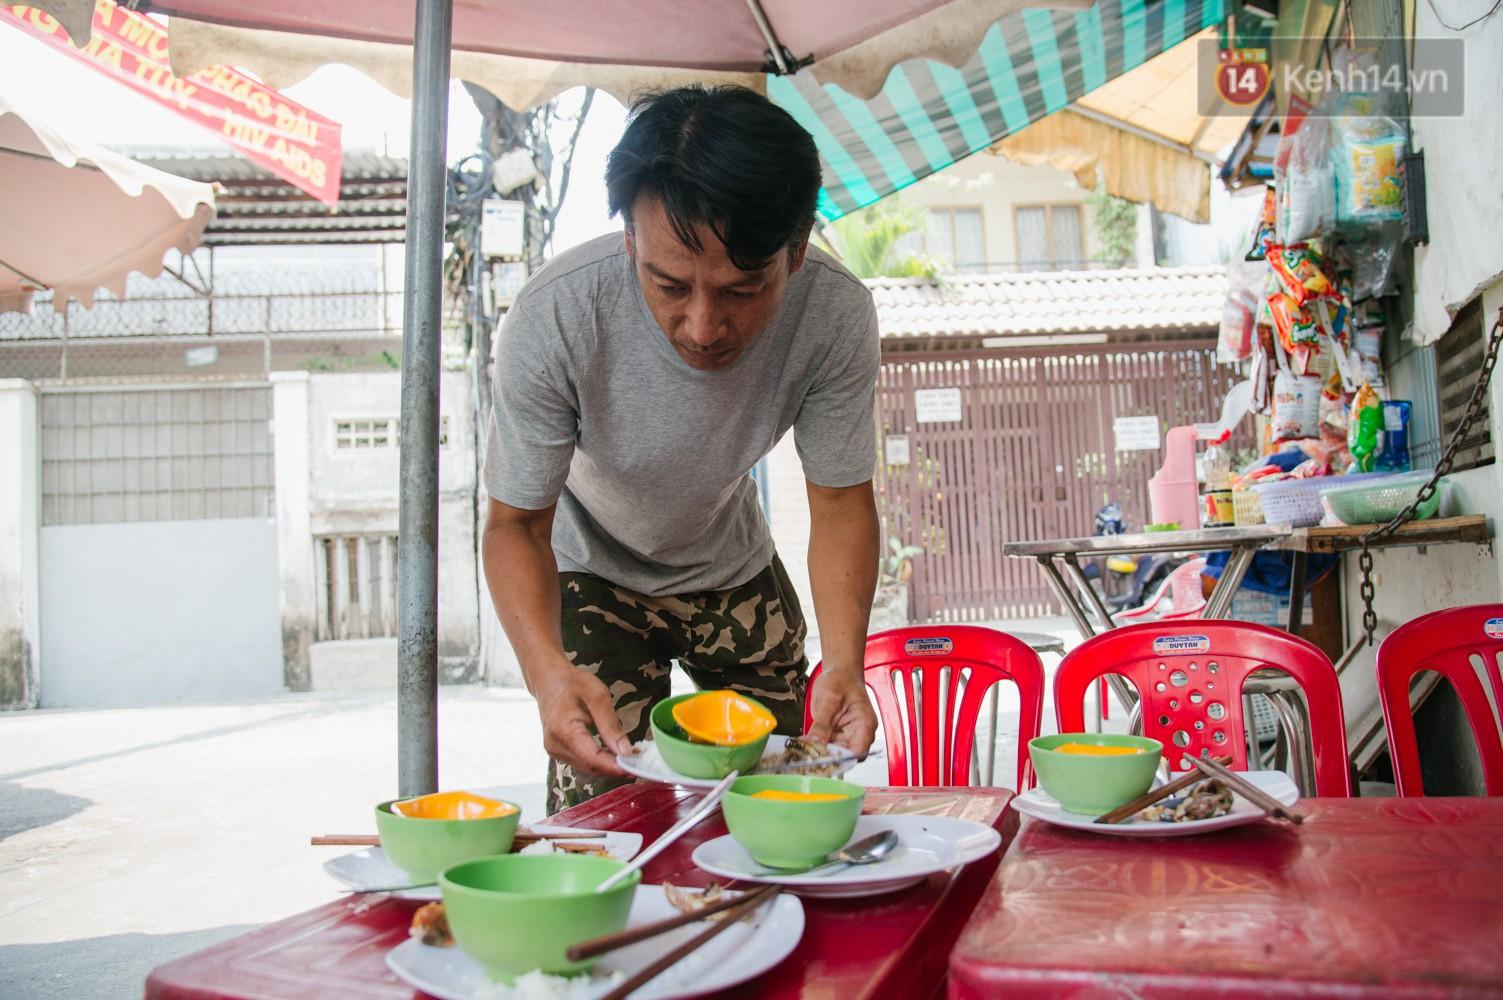 """Cô bán cơm dễ thương hết sức ở Sài Gòn: 10 ngàn cũng bán, khách nhiêu tiền cũng có cơm ăn"""" - Ảnh 8."""